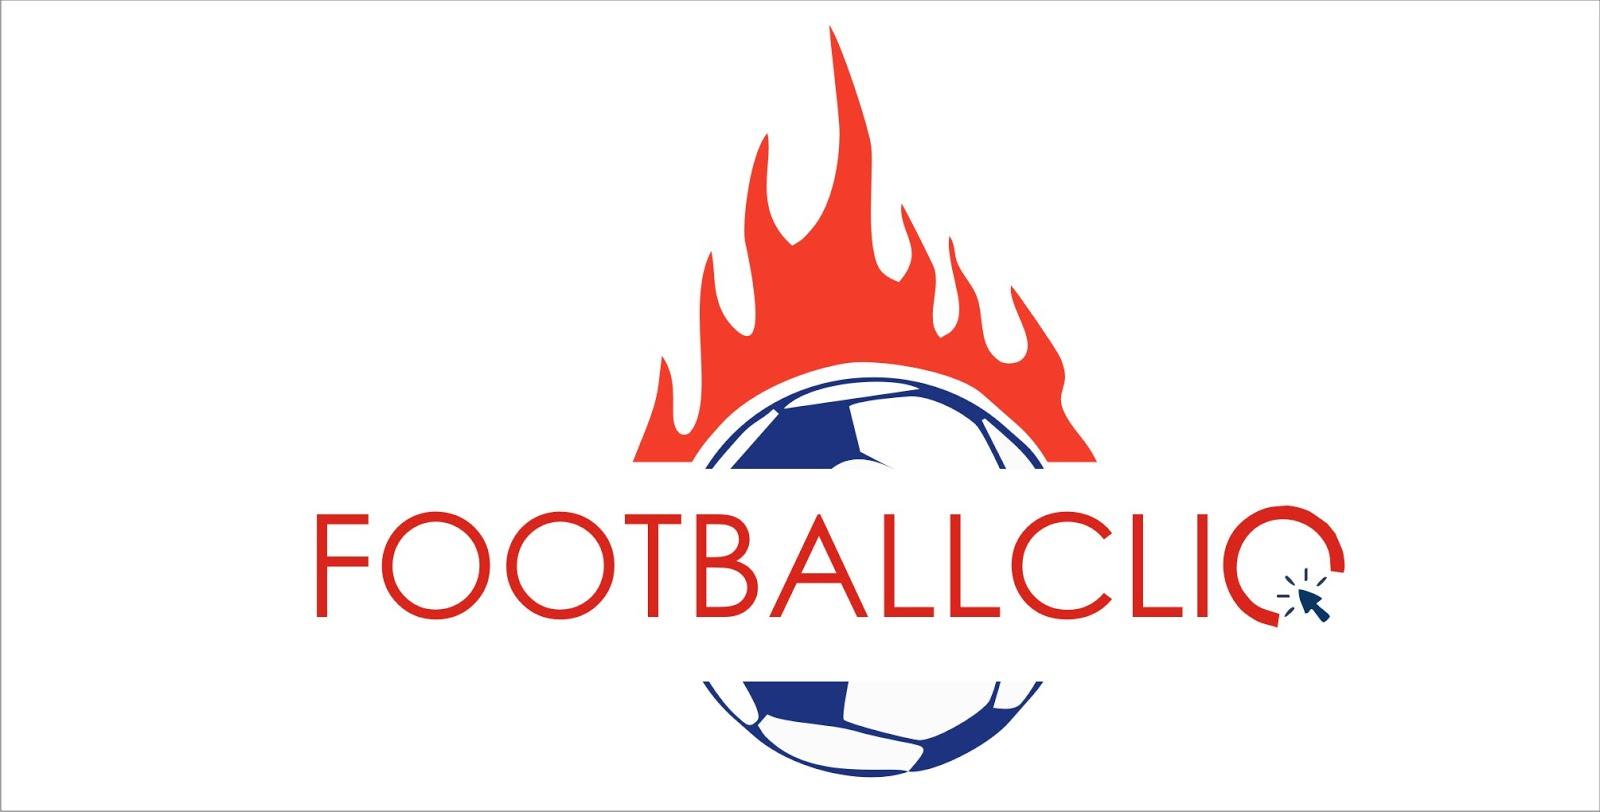 FootballCliq